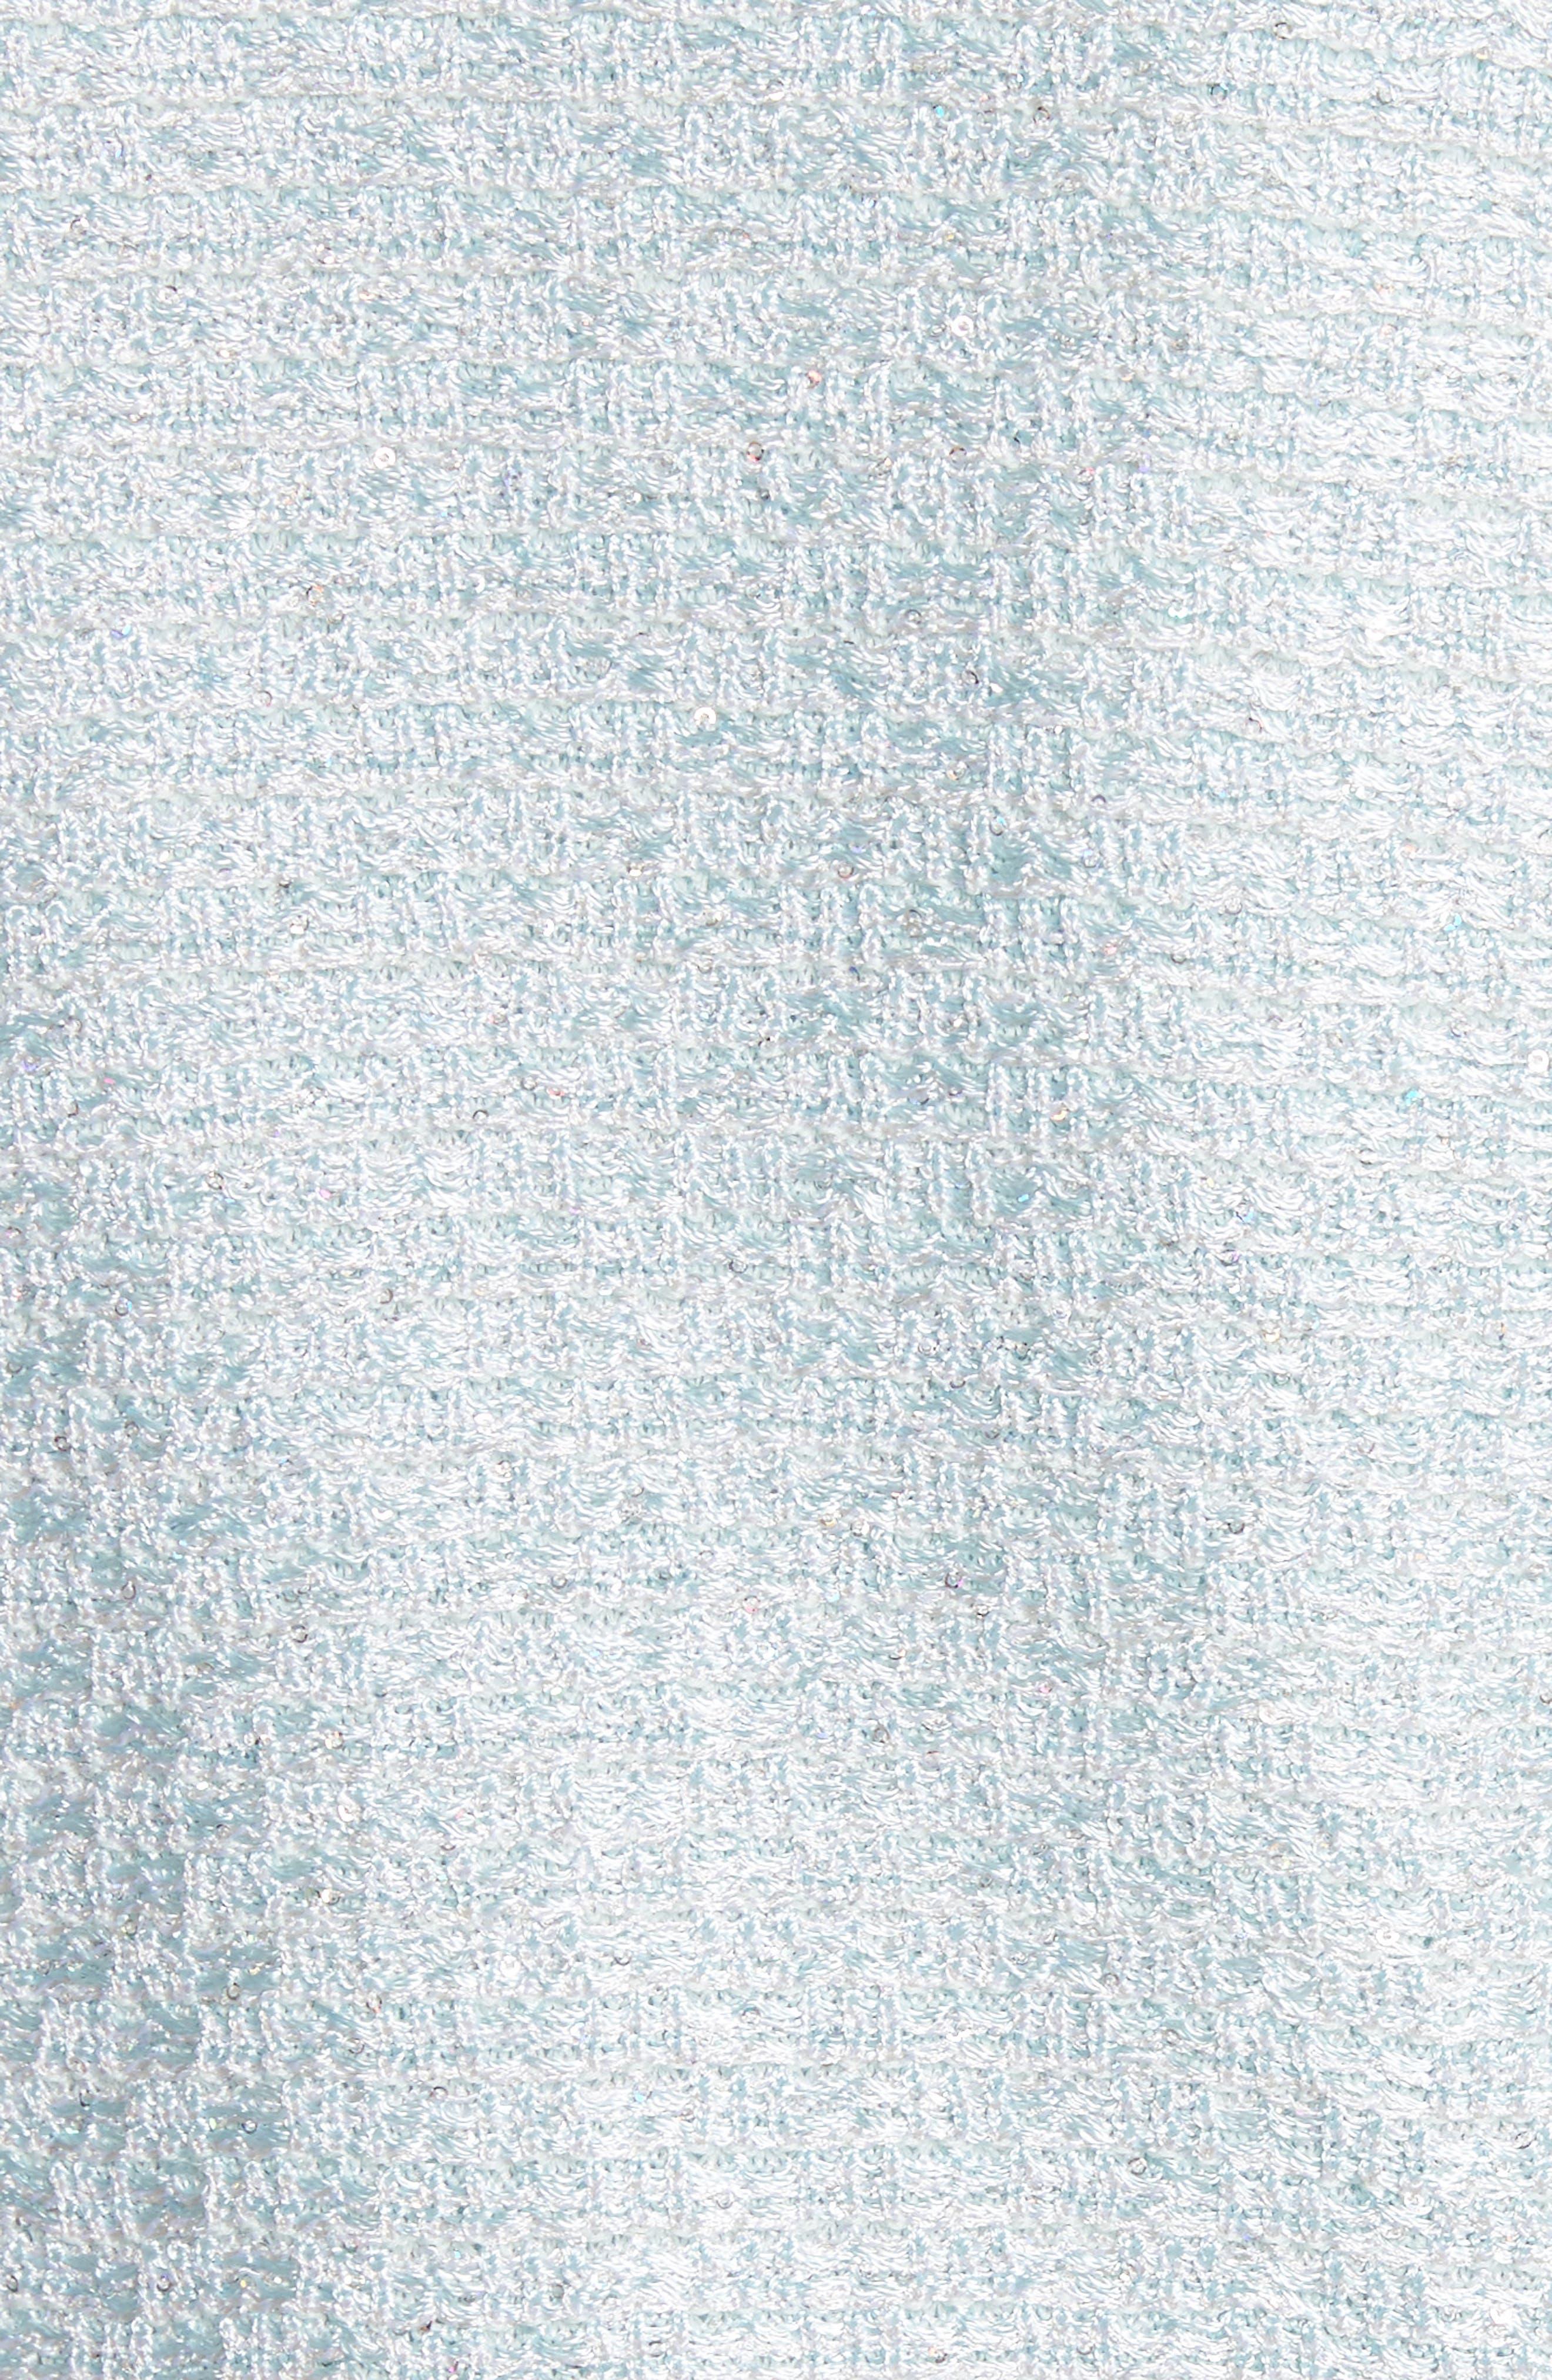 Hansh Sequin Knit Jacket,                             Alternate thumbnail 6, color,                             440